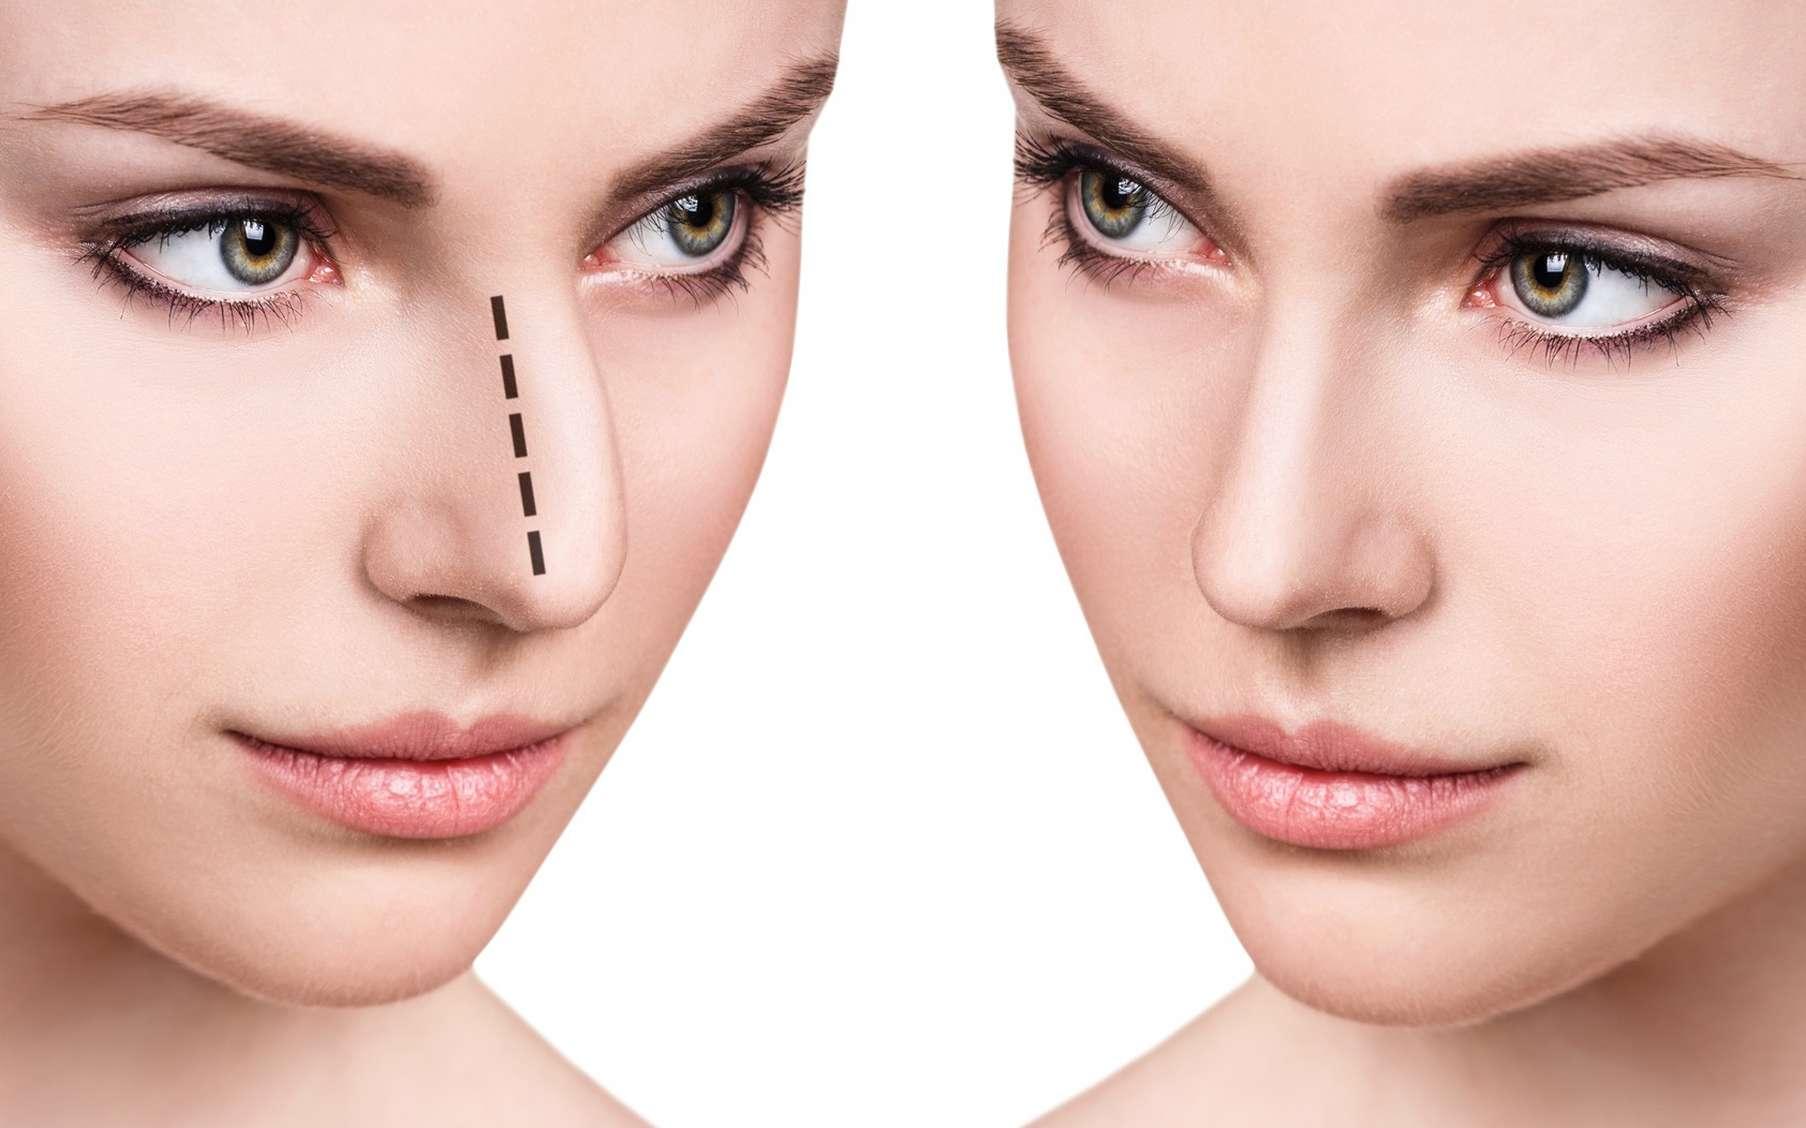 La rhinoplastie est la chirurgie esthétique ou réparatrice du nez. © llhedgehogll, Fotolia